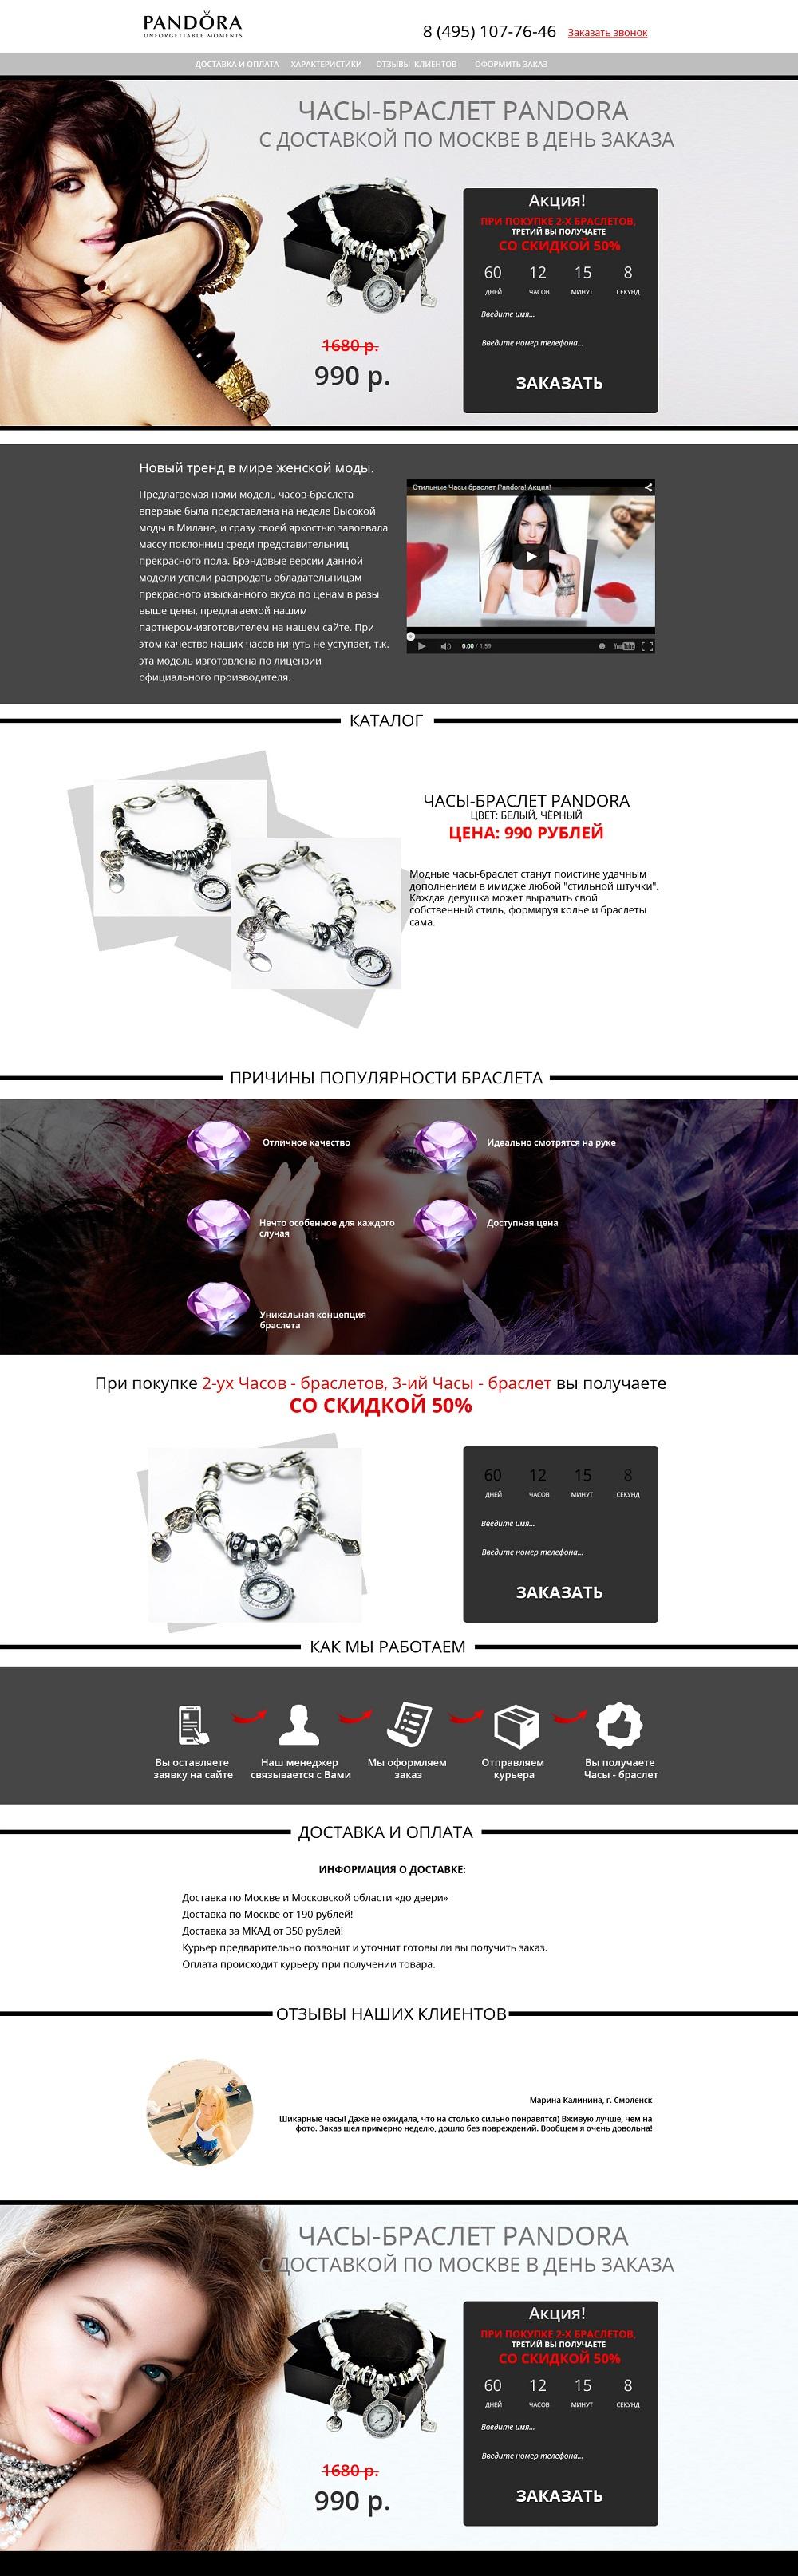 Pandora - верстка, подключение скриптов и форм